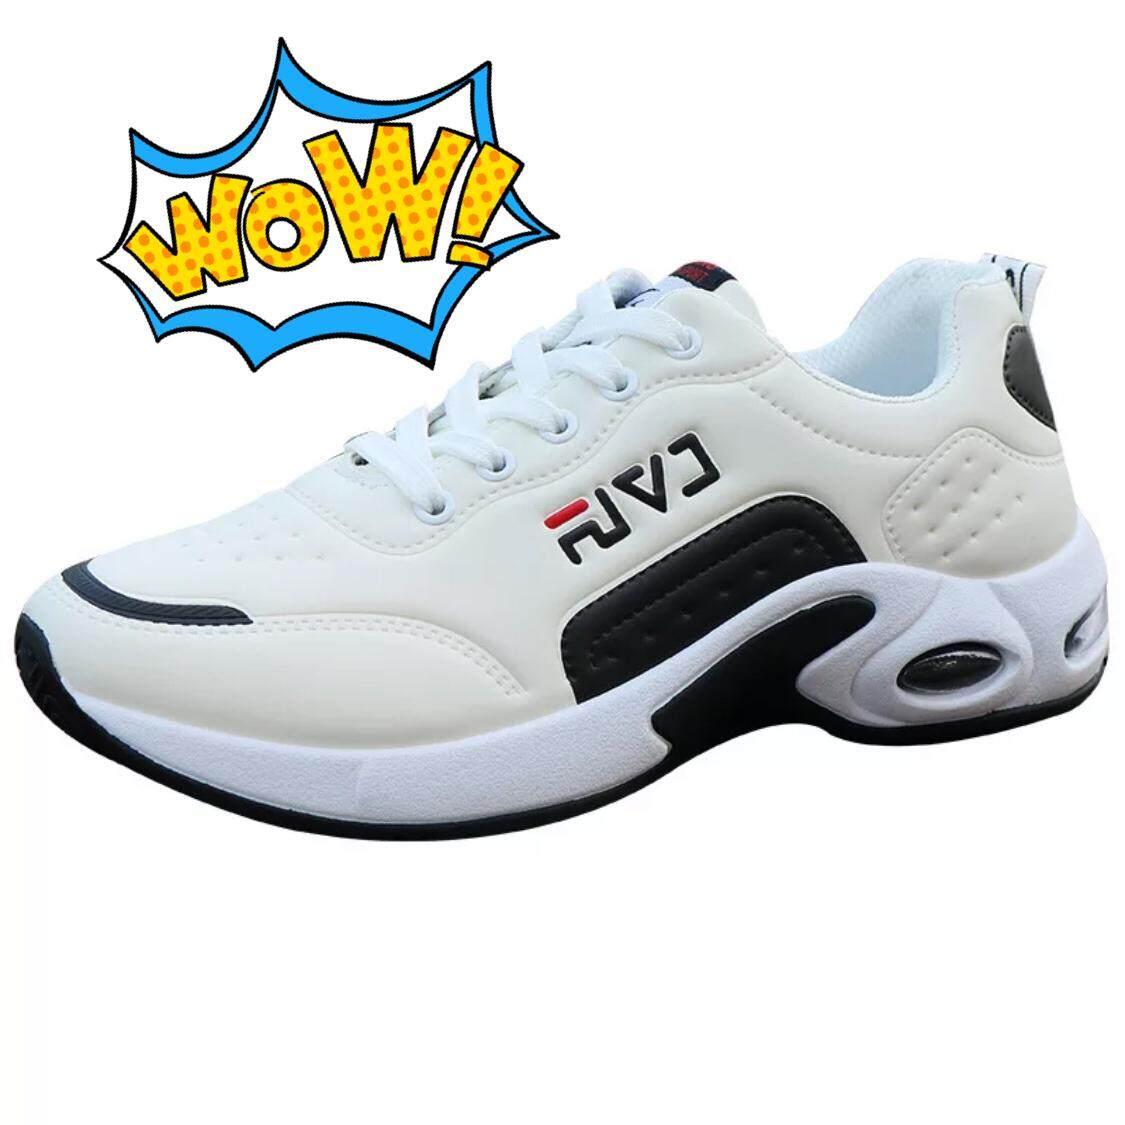 Aadine รองเท้าผ้าใบผู้ชาย รองเท้าแฟชั่นสไตล์เกาหลี No.A115